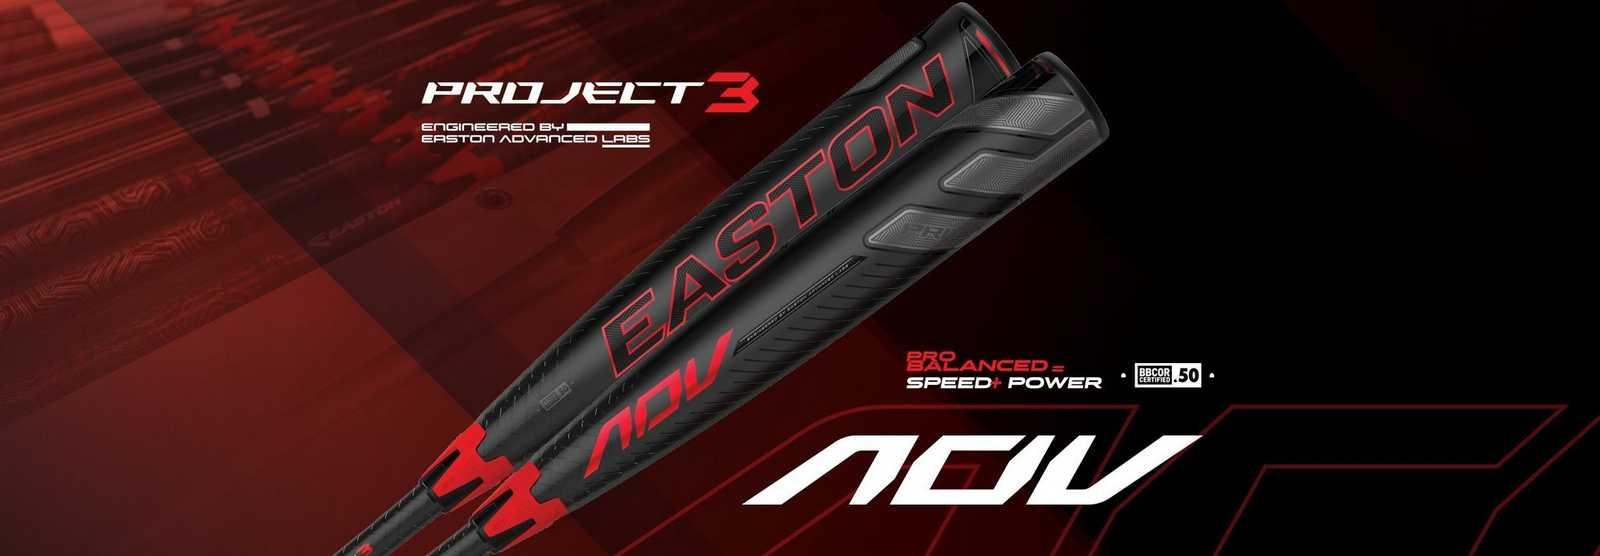 project-3-adv-bbcor-bat